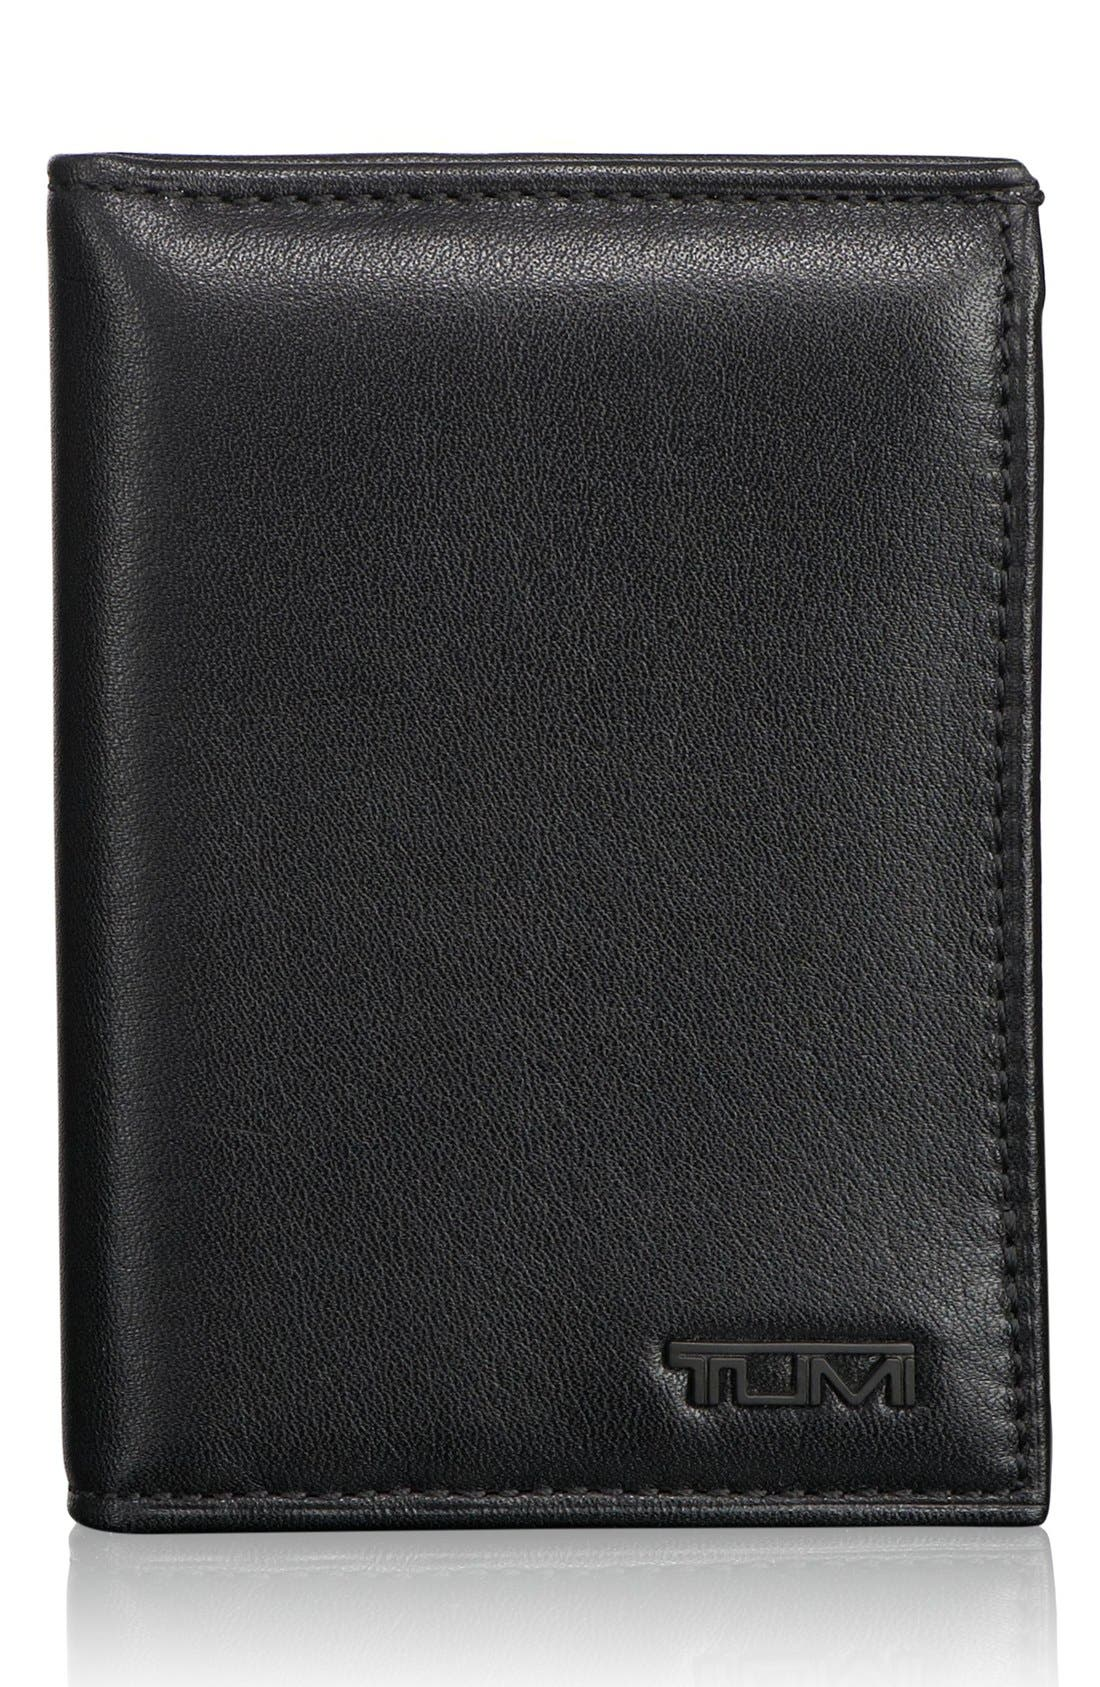 Main Image - Tumi 'Delta - ID Lock' Shielded L-Fold ID Wallet